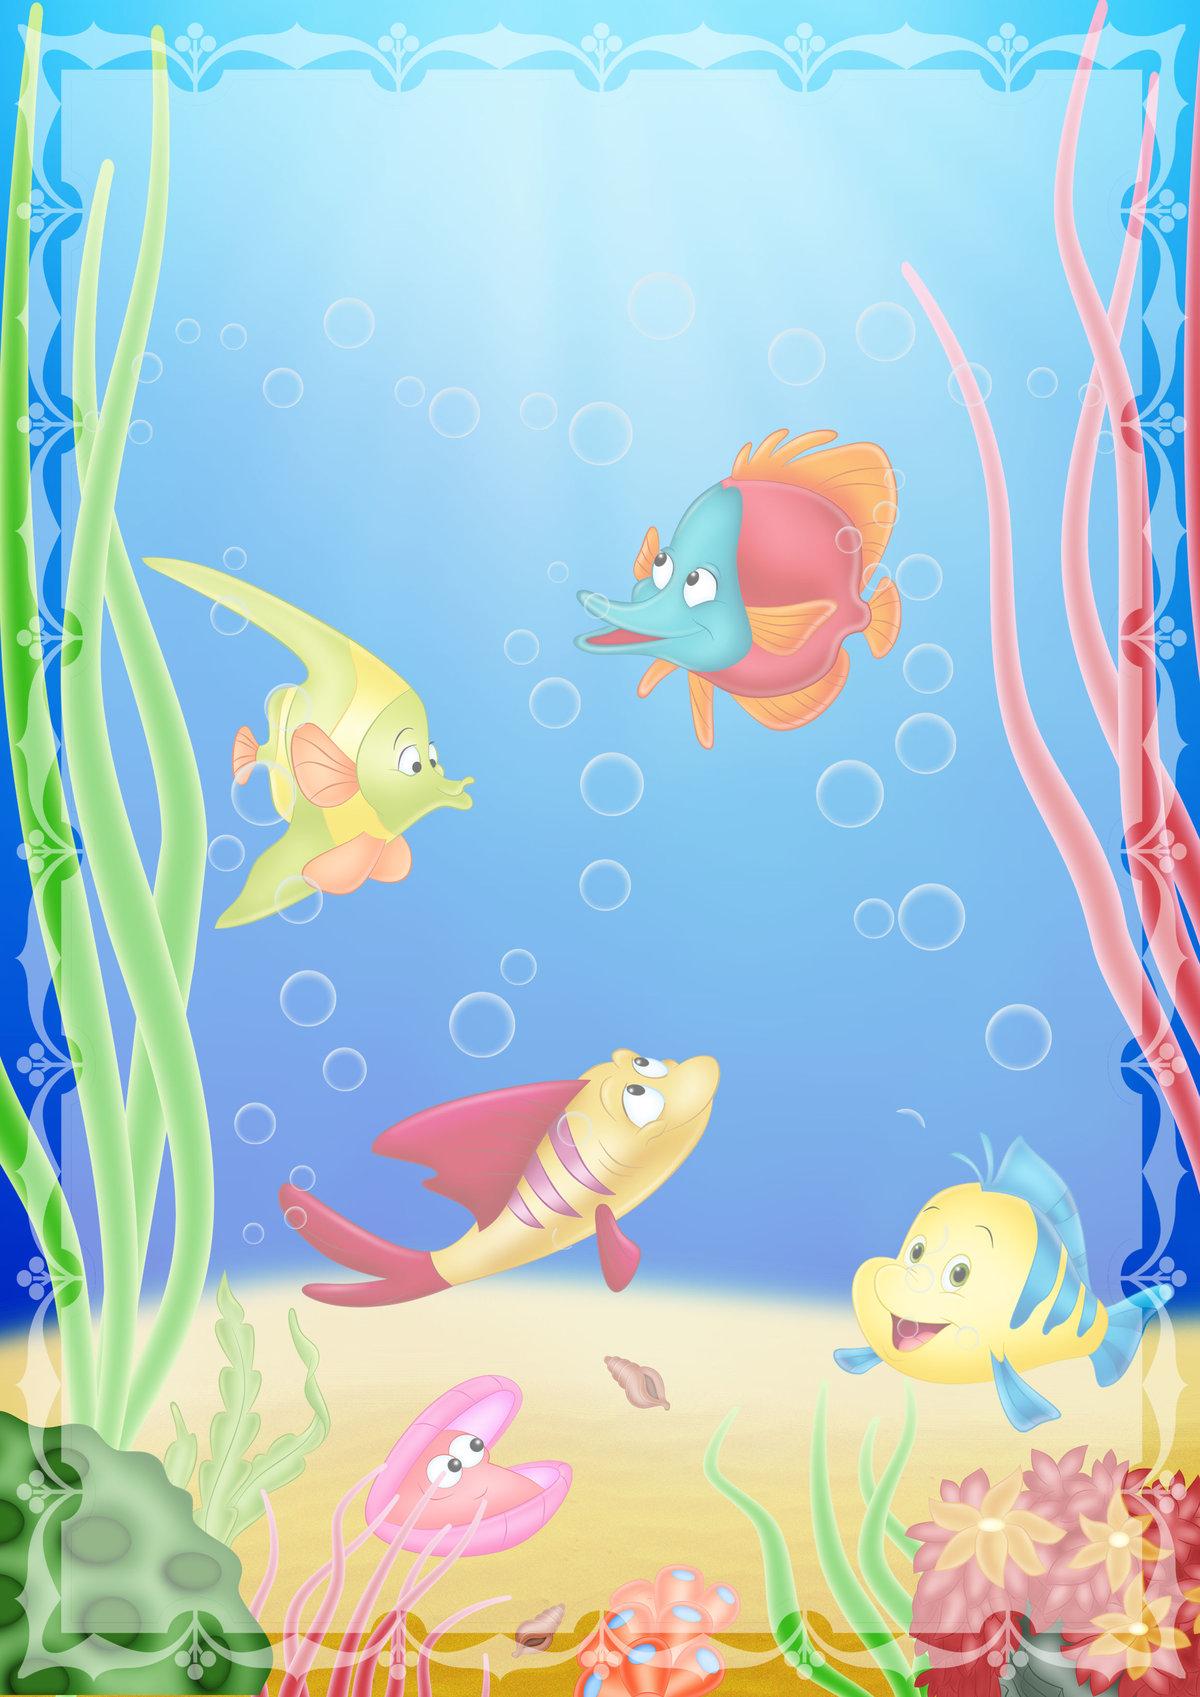 Молодому человеку, картинки морская тематика для детского сада